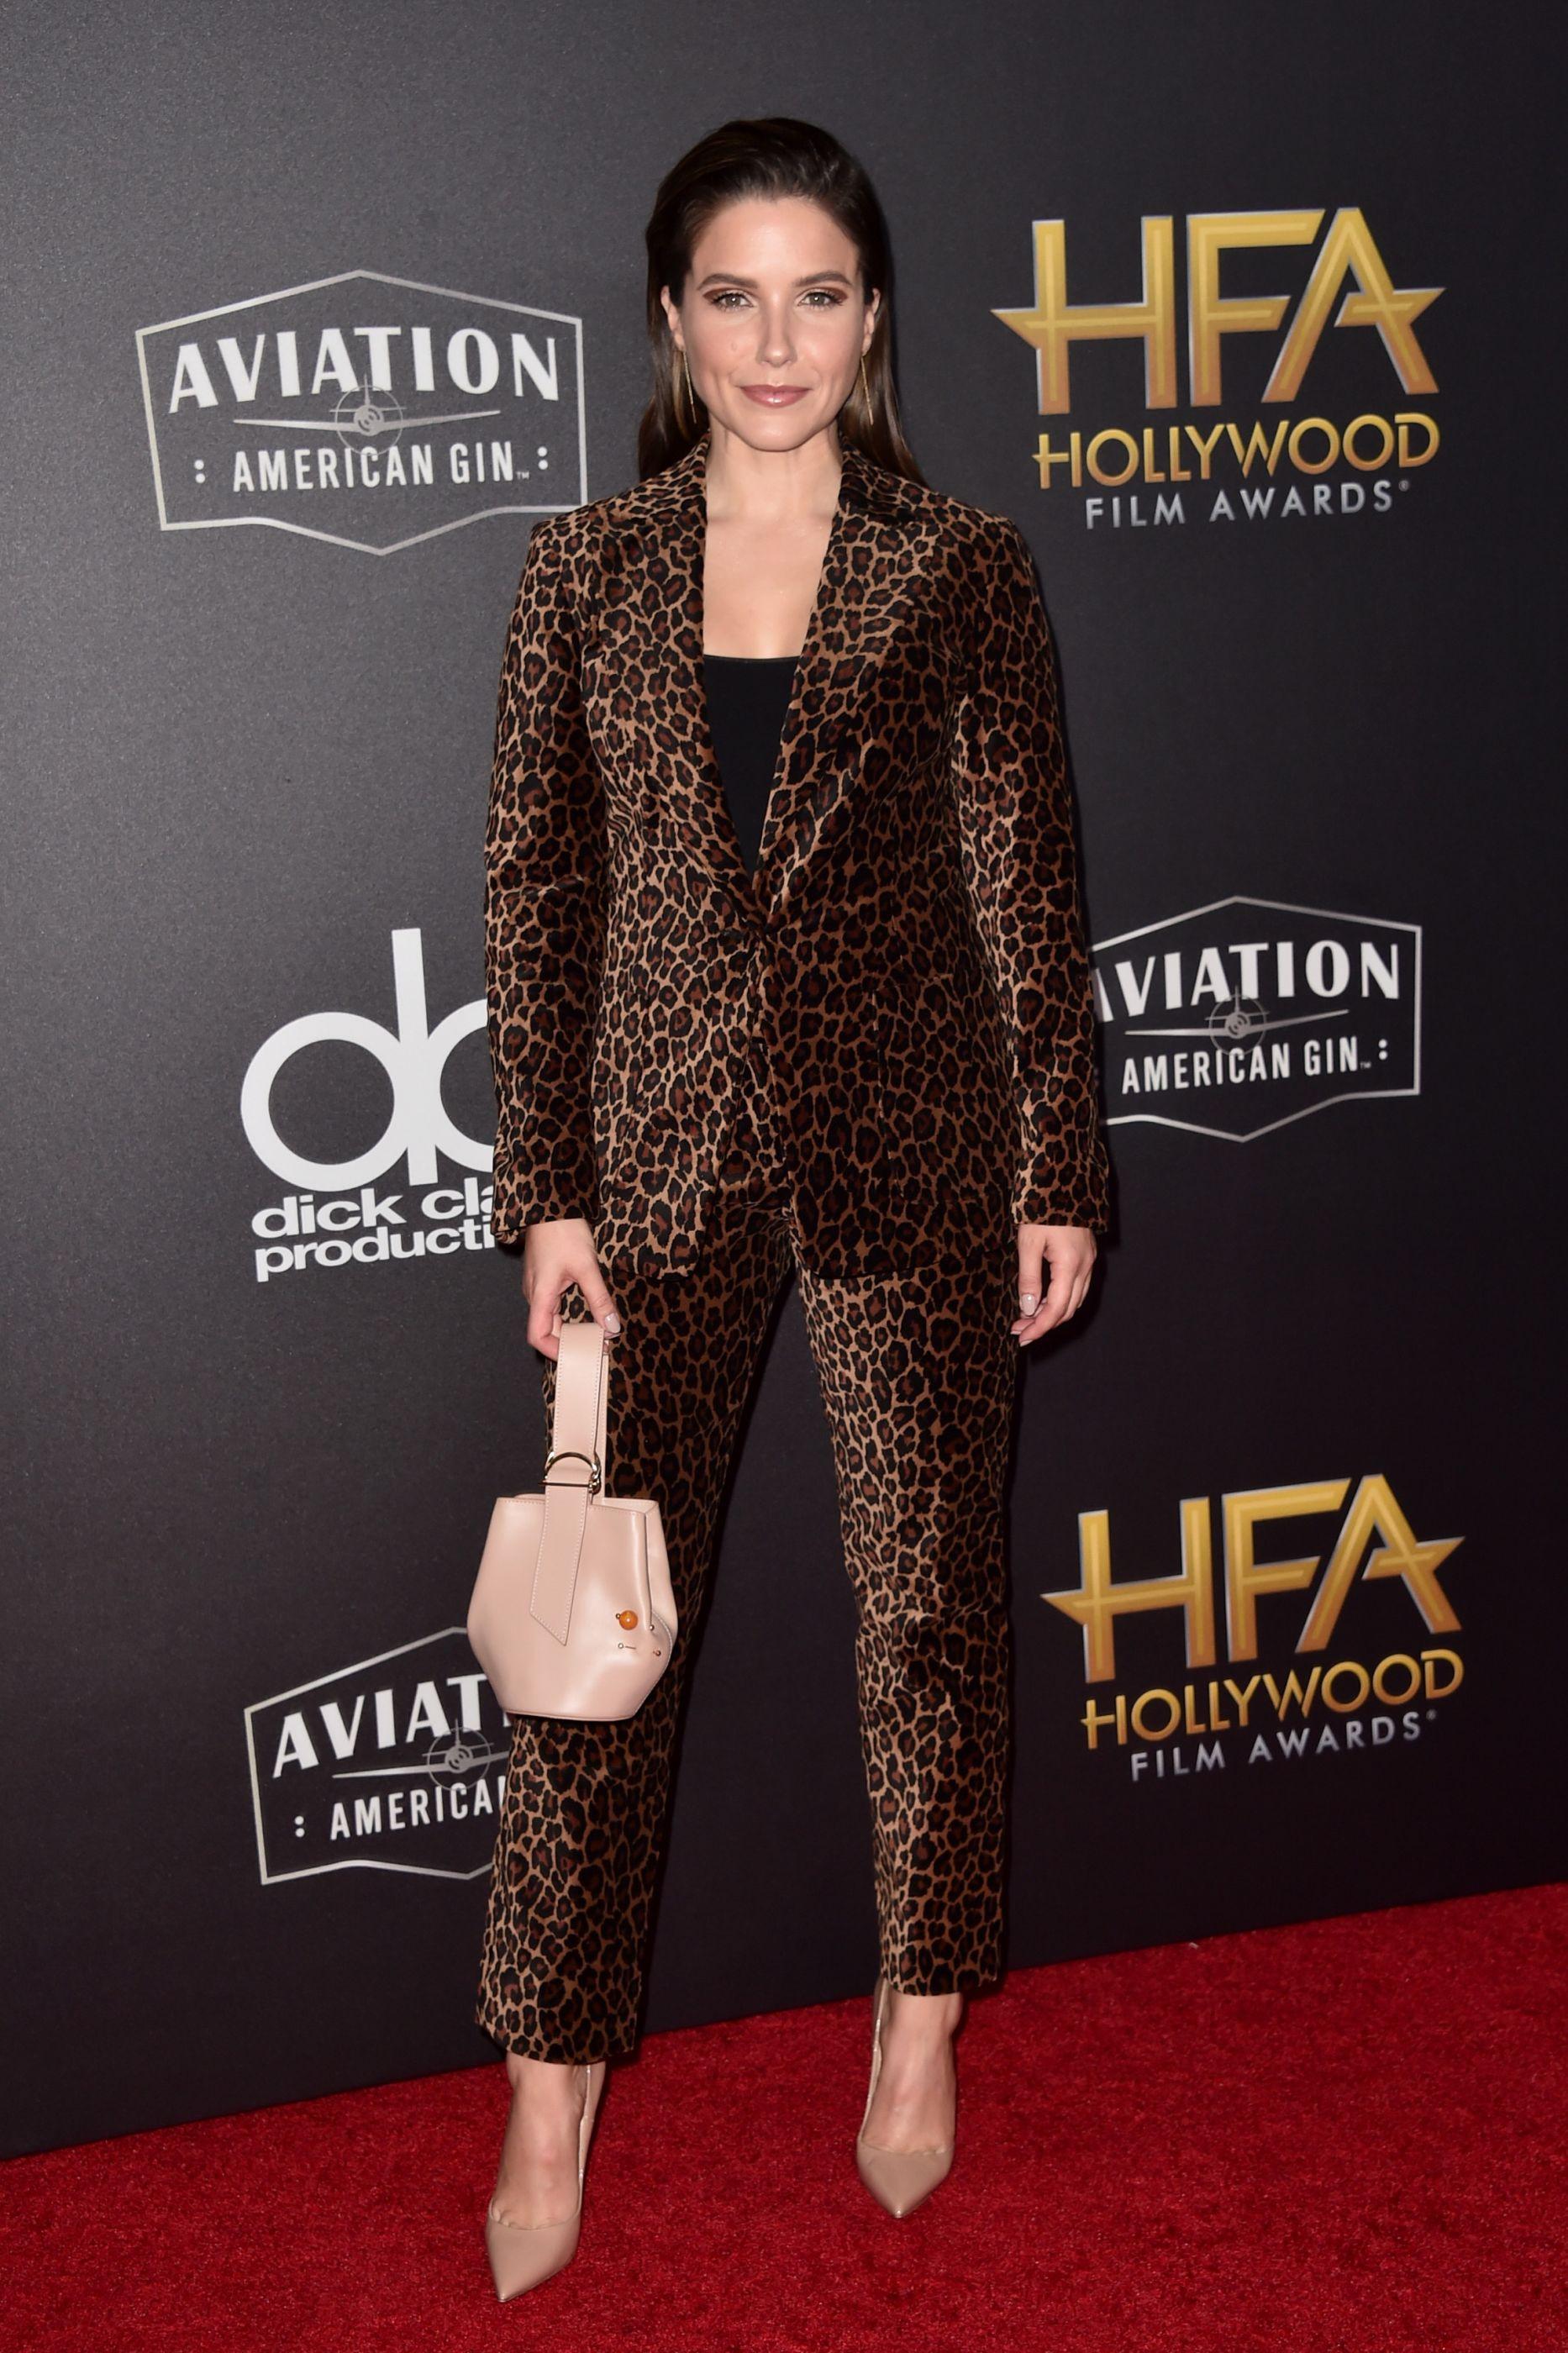 Os famosos que não faltaram à gala dos Hollywood Film Awards